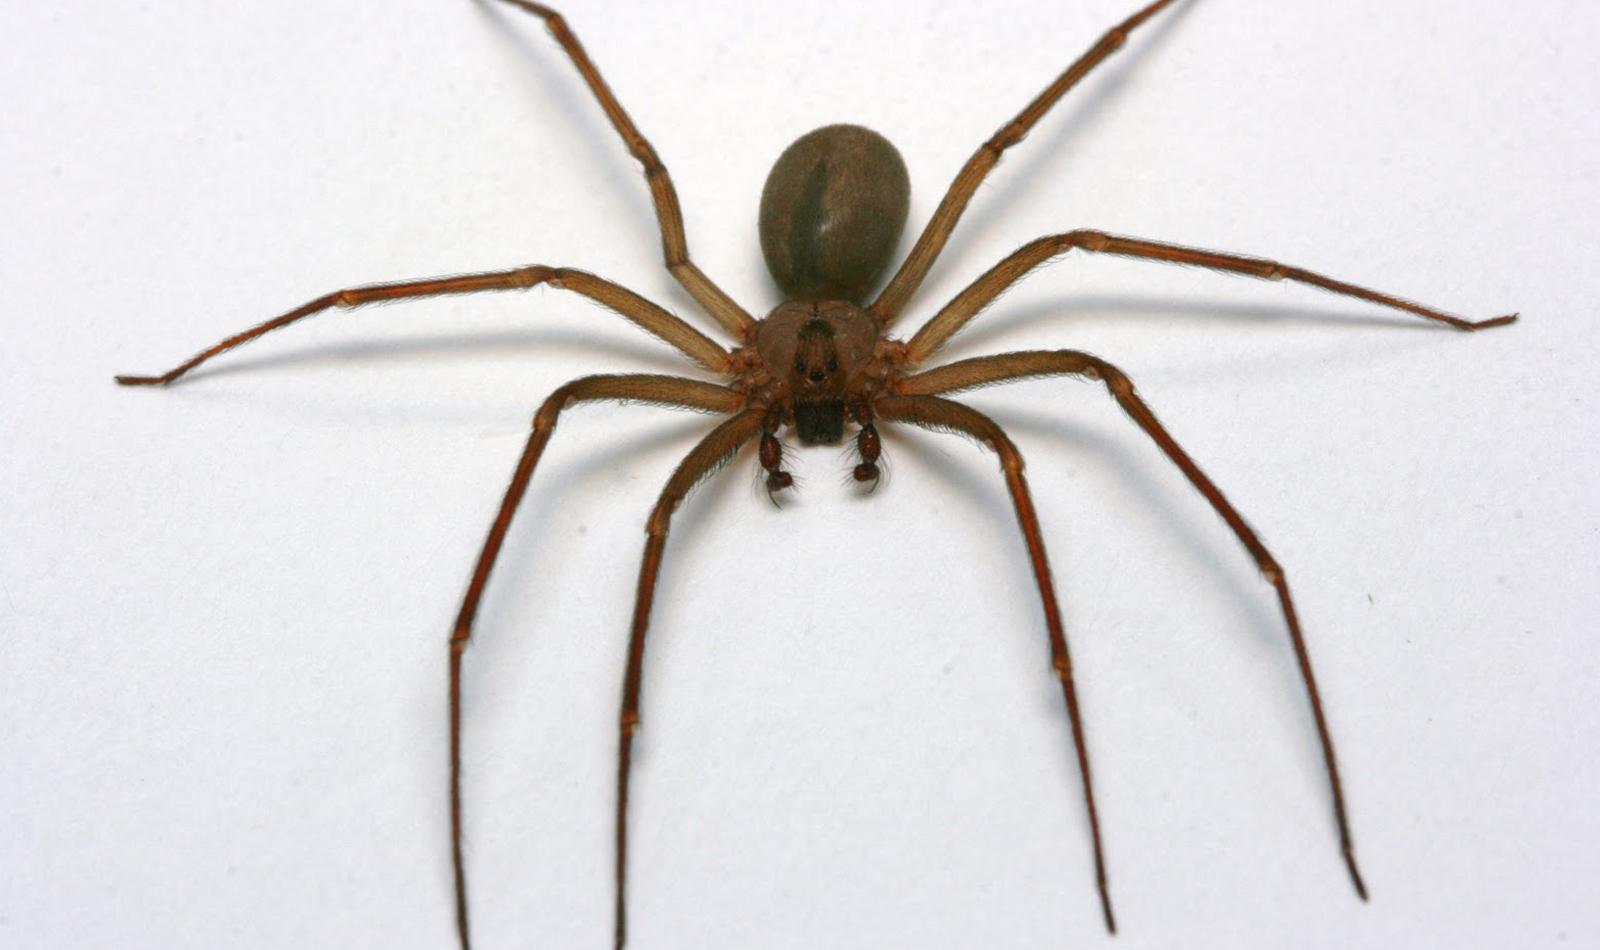 ¡Ten cuidado! IMSS alerta por picadura de arañas 'violinista' y 'viuda negra'